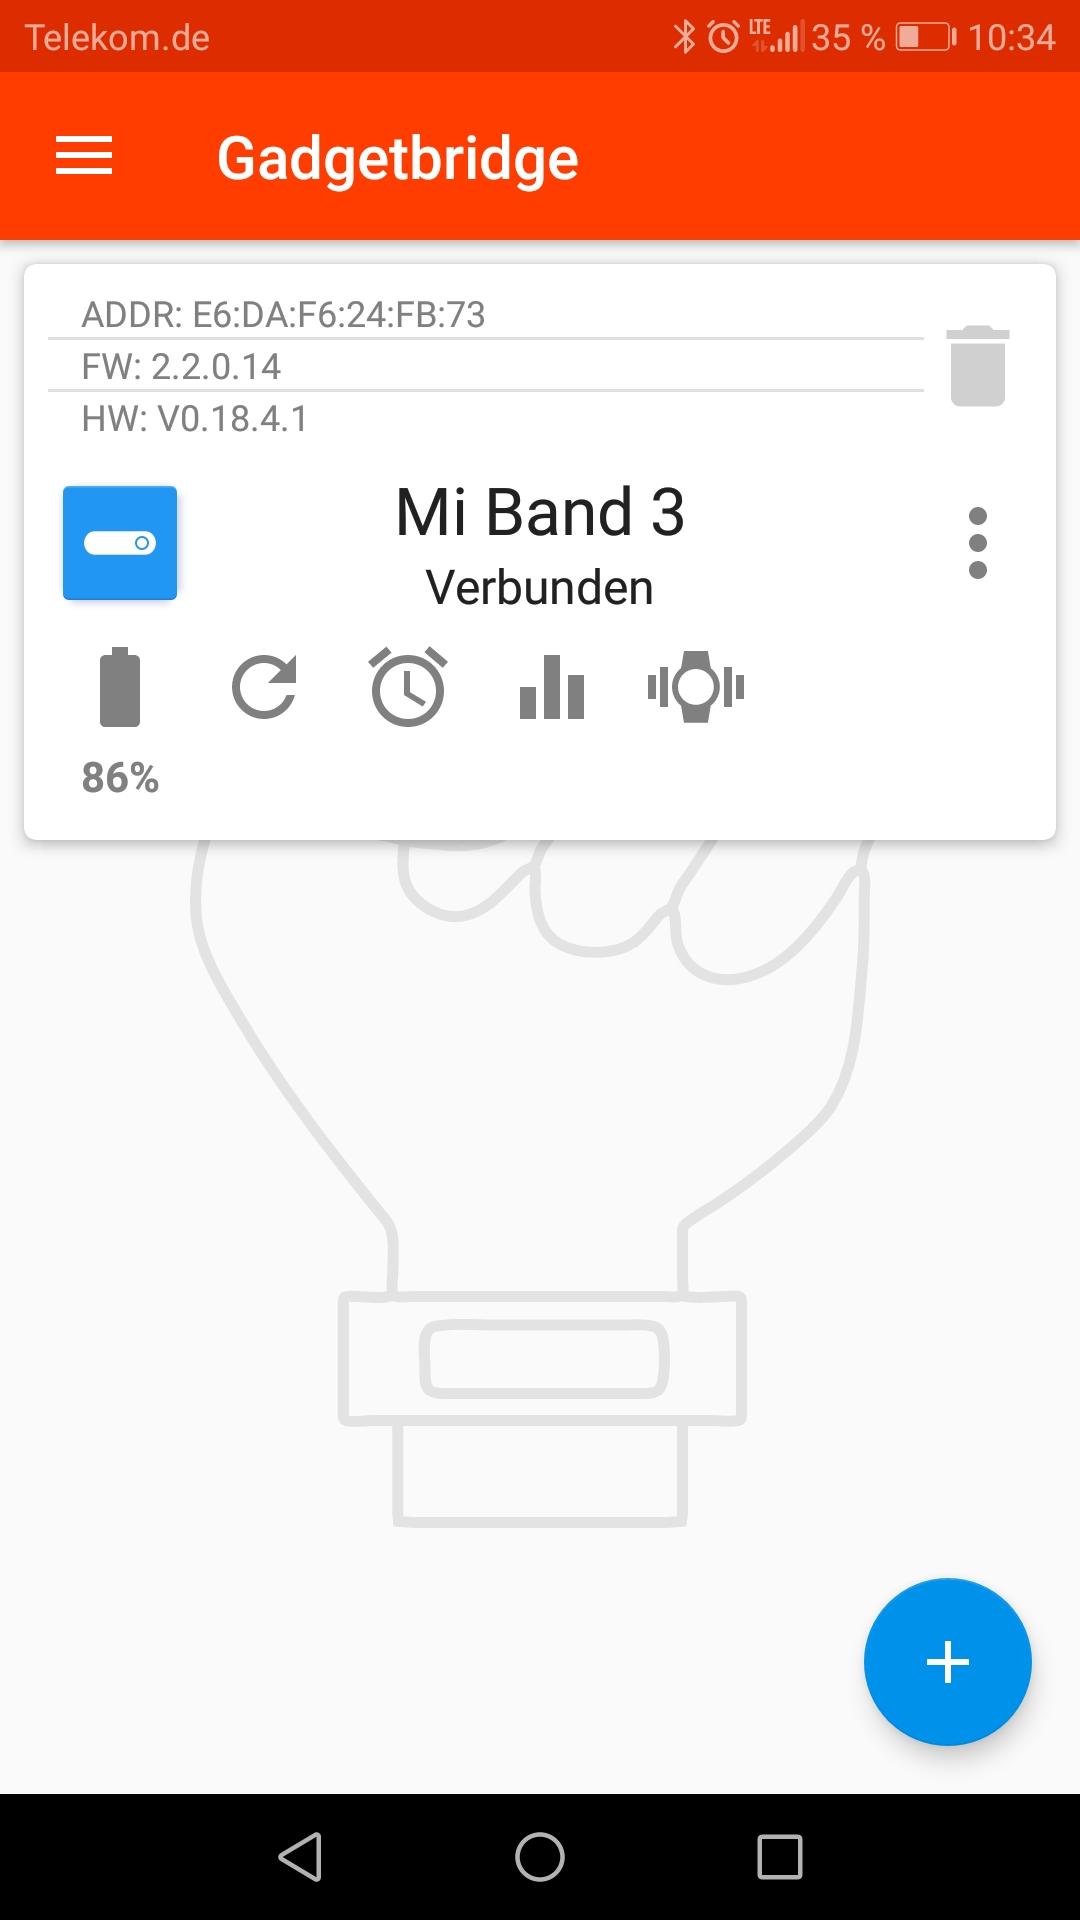 Mi Band 3 firmware whitelist 2 2 0 14 · Issue #1365